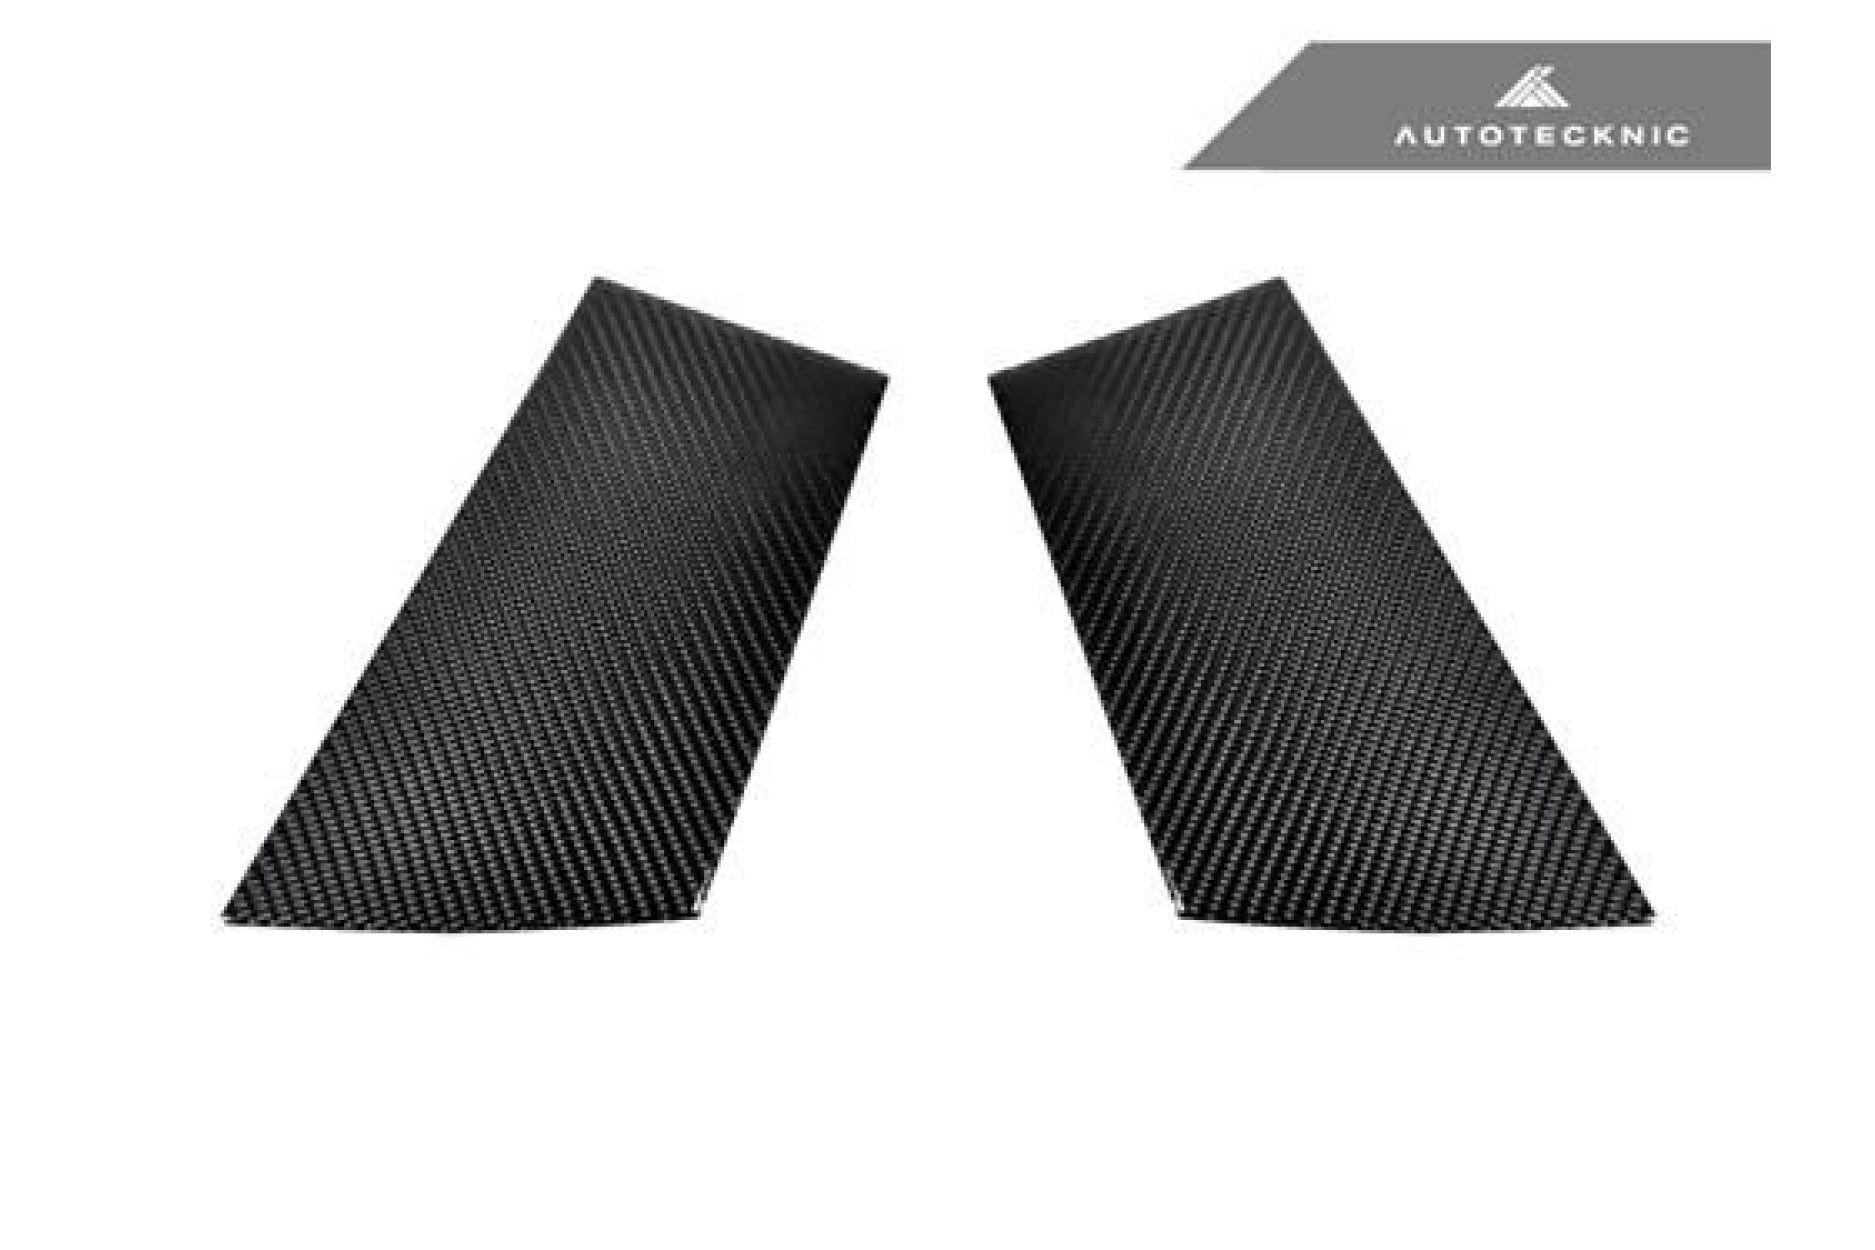 AutoTecknic Carbon B-Säulenverkleidung für 370Z